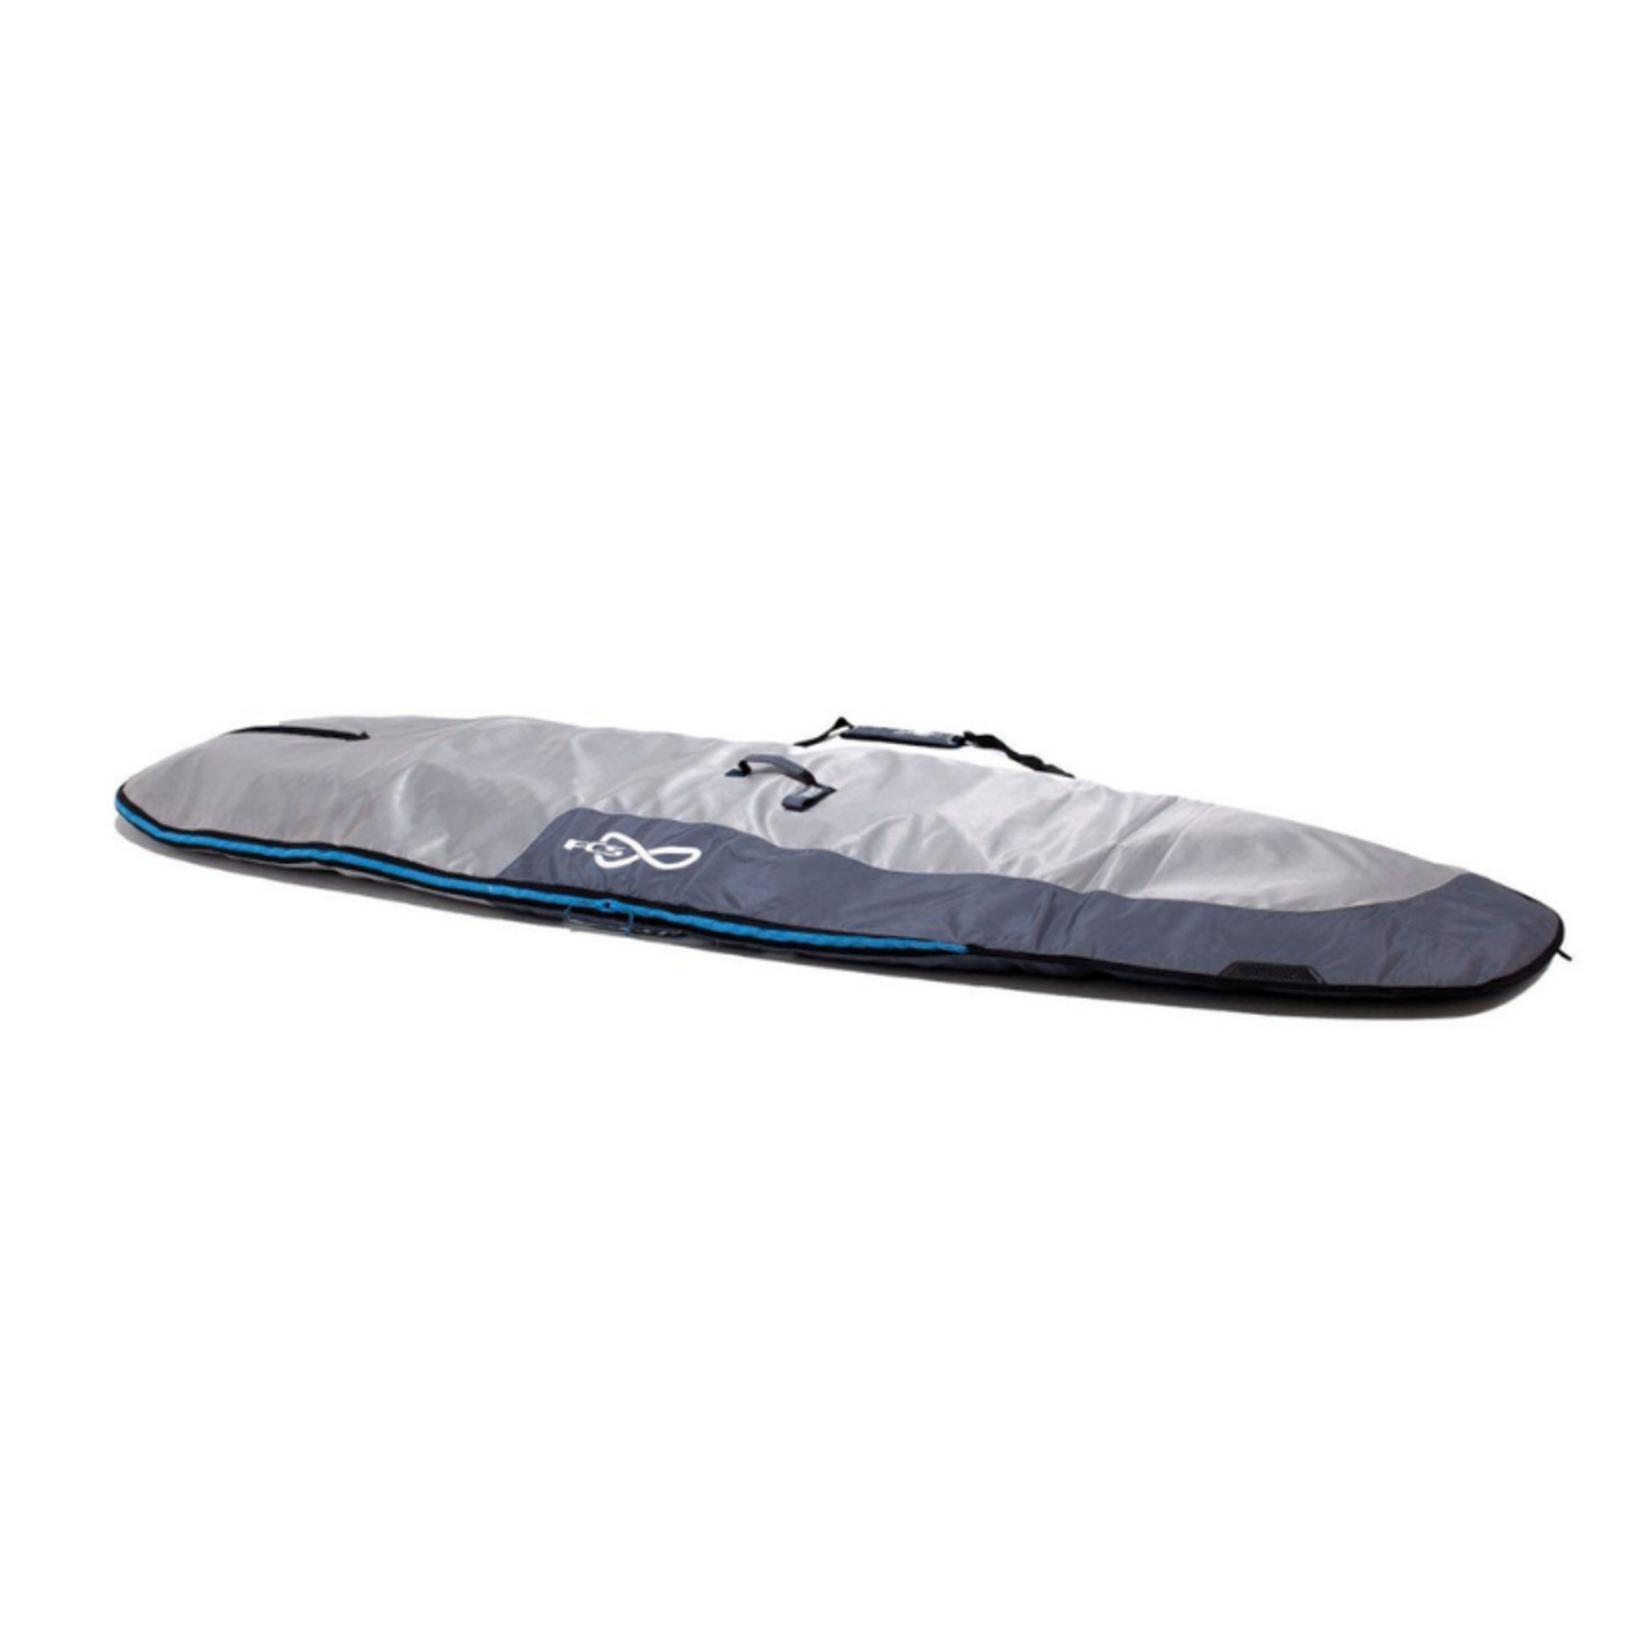 FCS FCS Dayrunner SUP bag 11'6